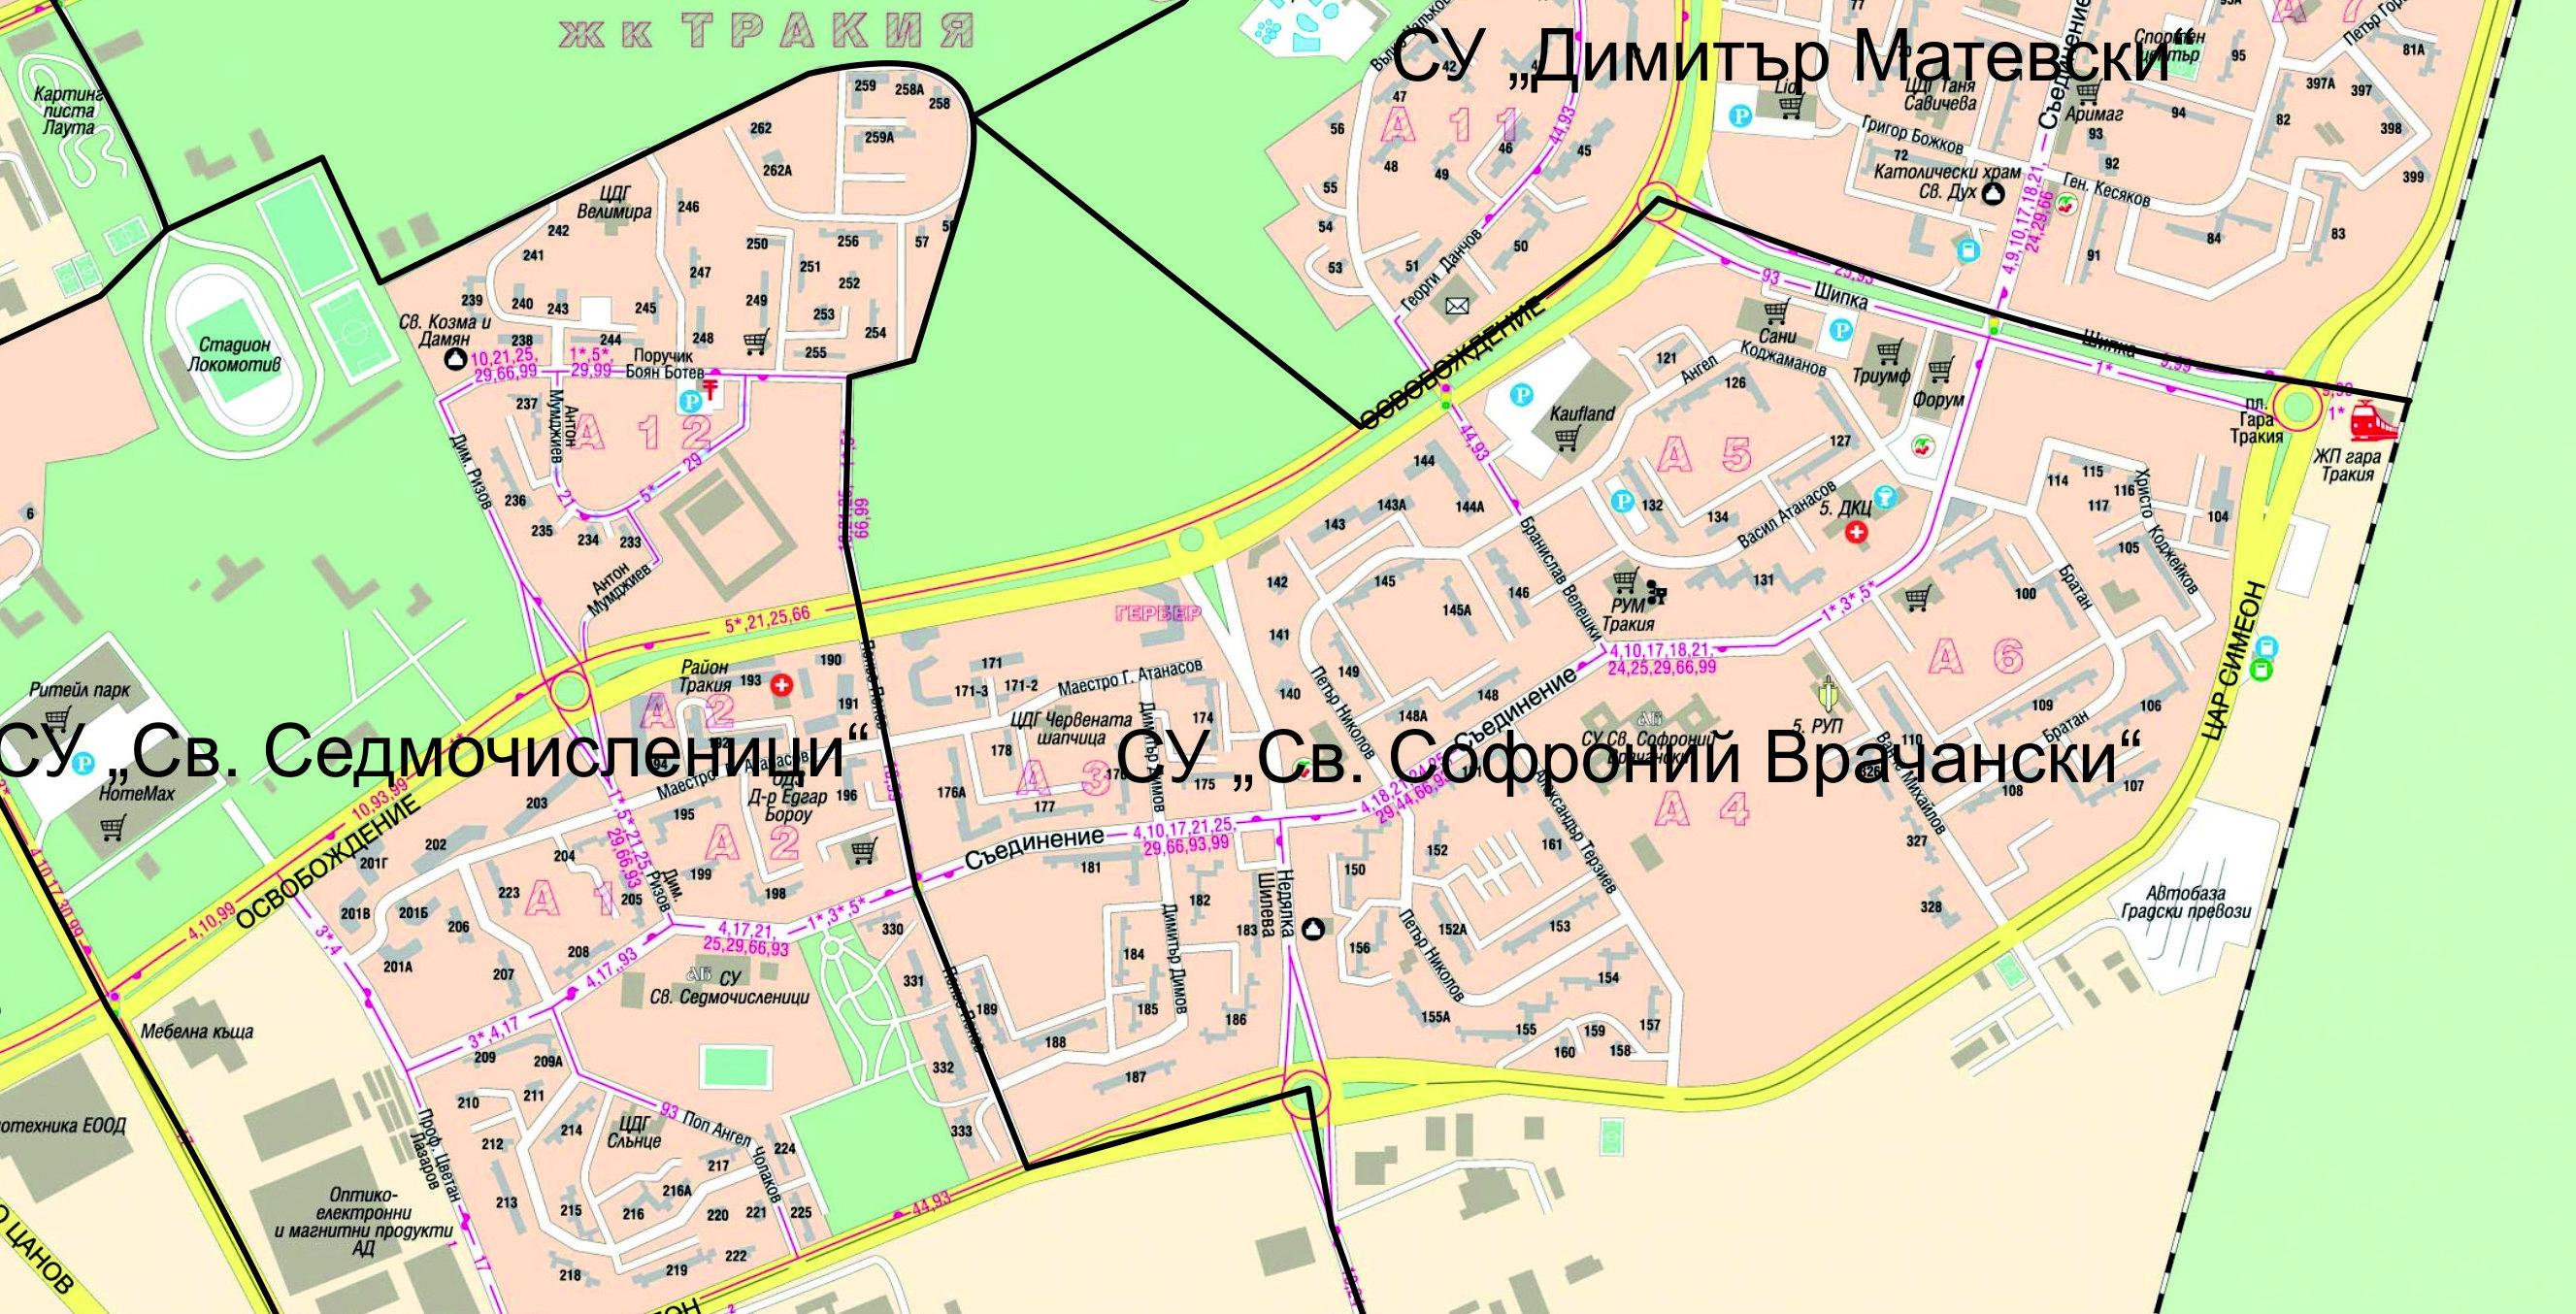 Врачански_8310.jpg